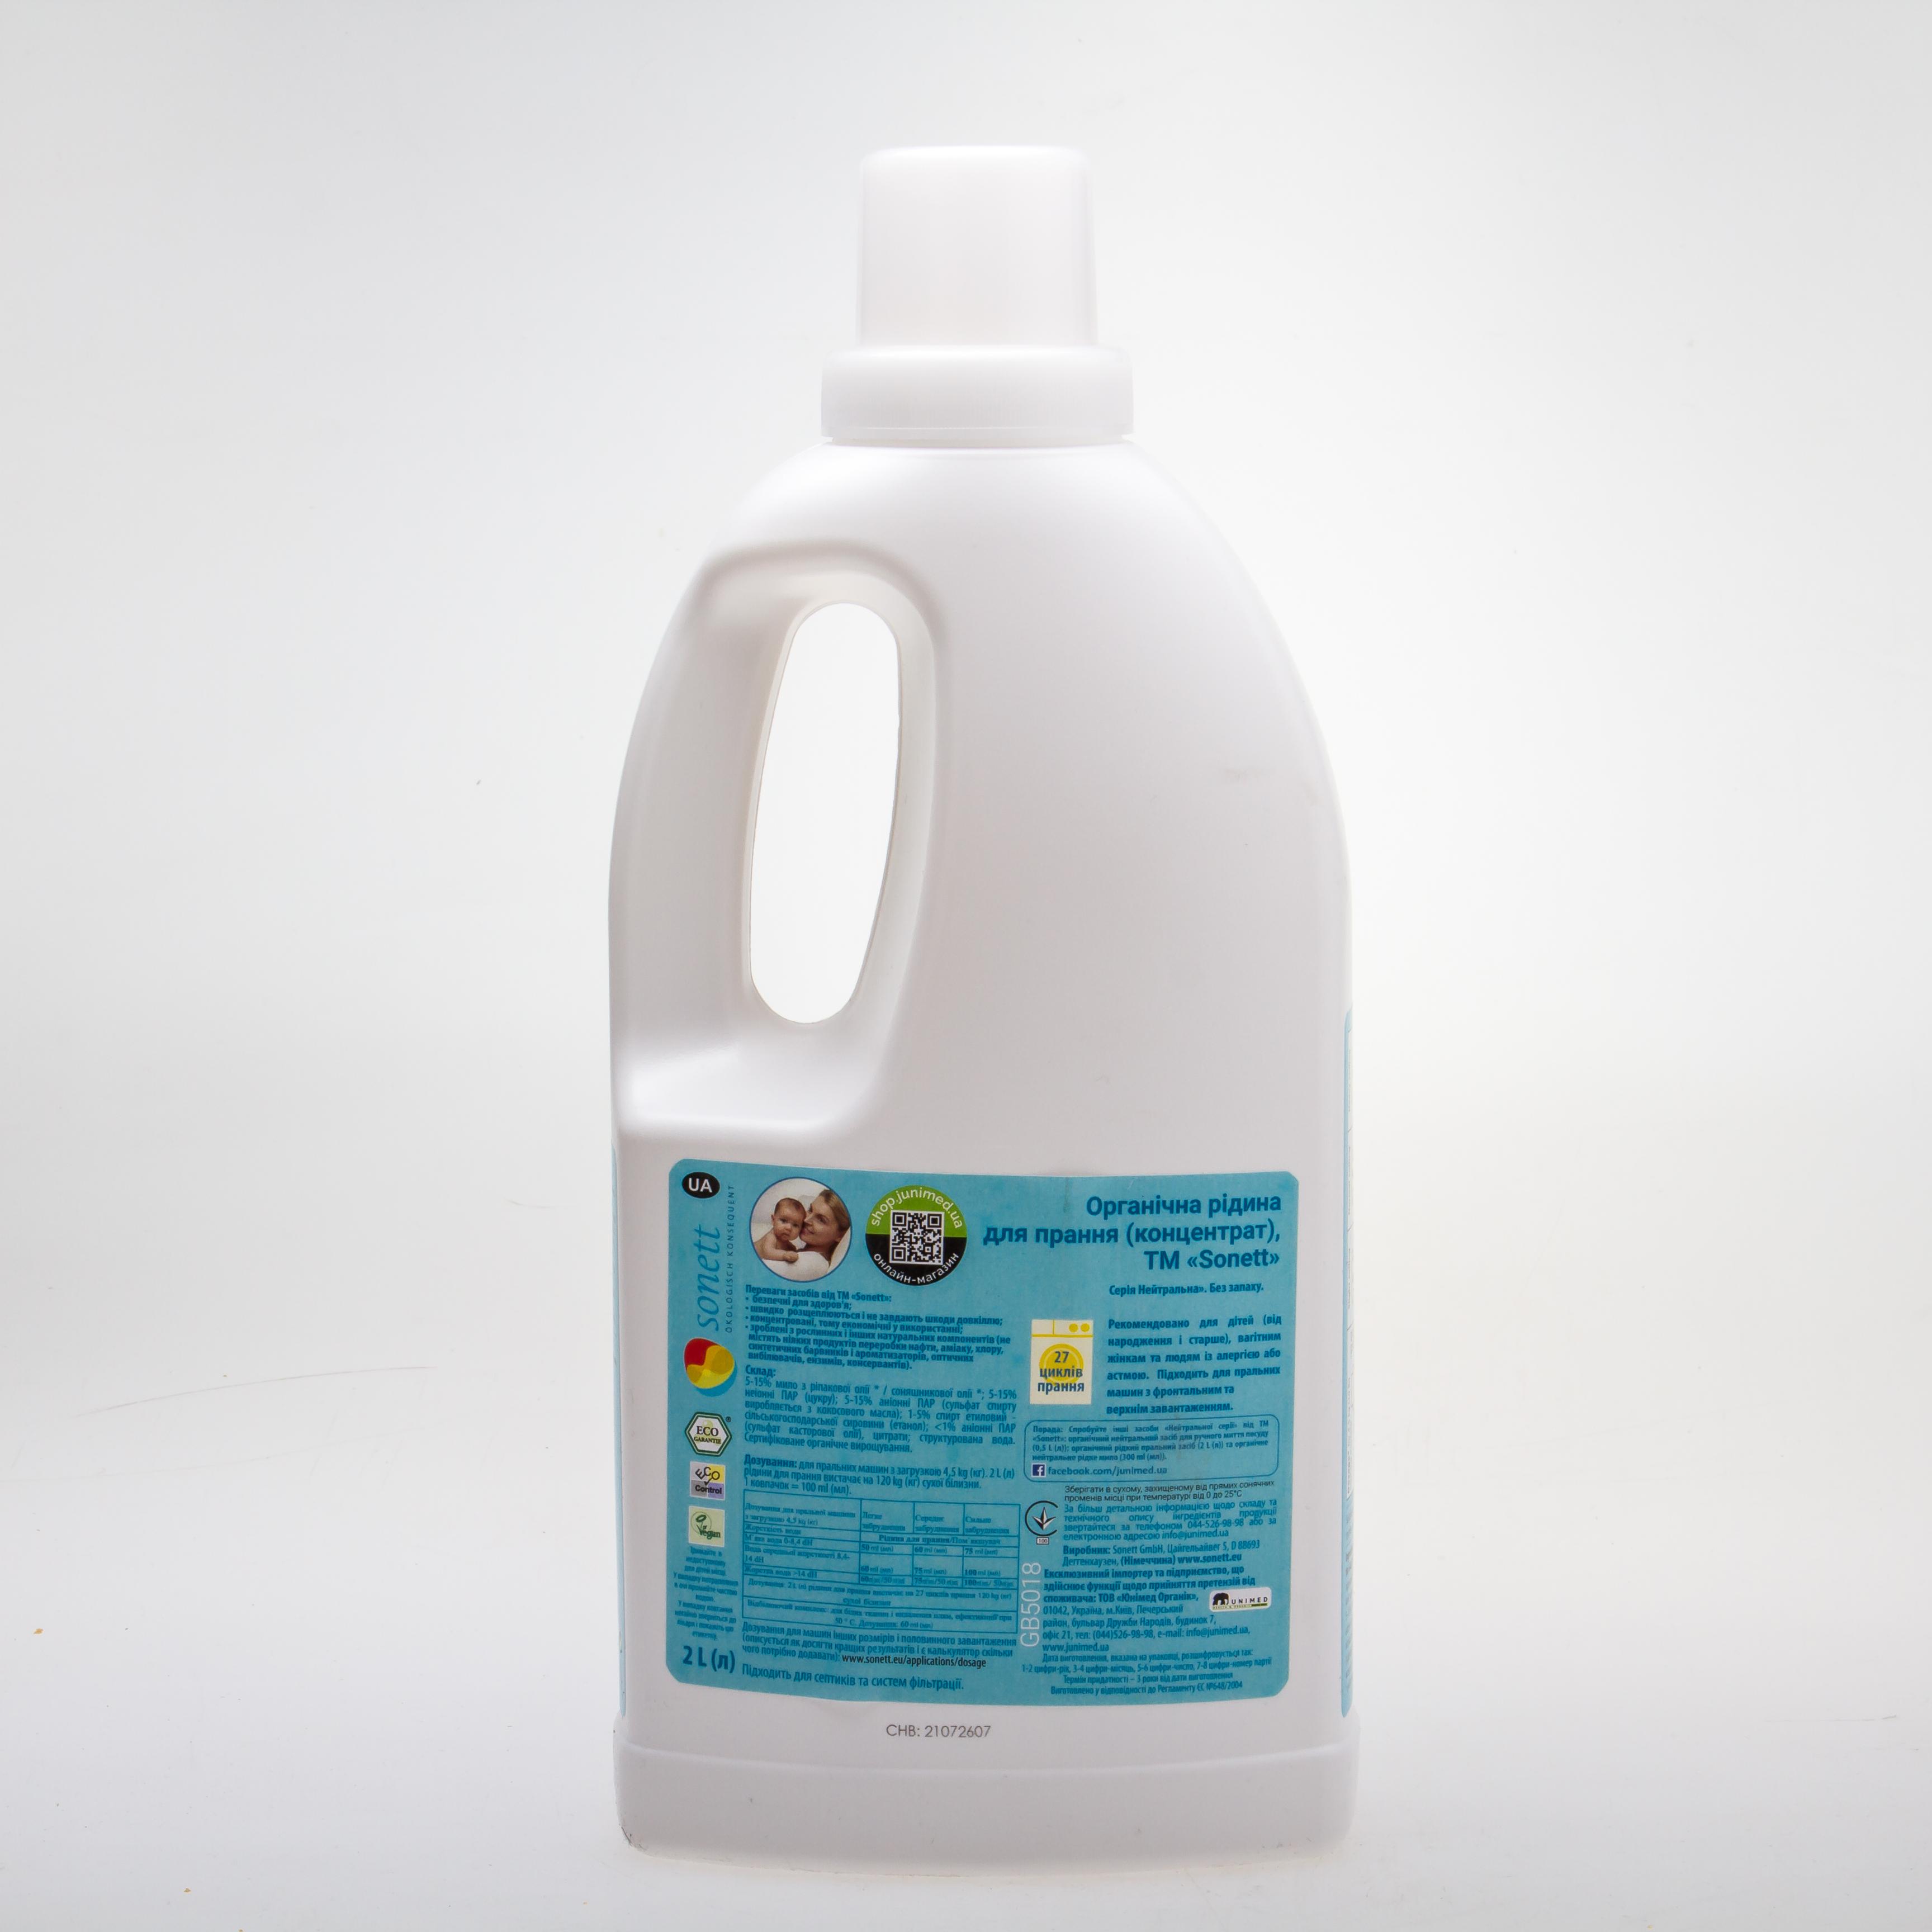 Sonett органічний рідкий пральний засіб. Нейтральна серія. Концентрат, 2 л - купити в інтернет-магазині Юнимед